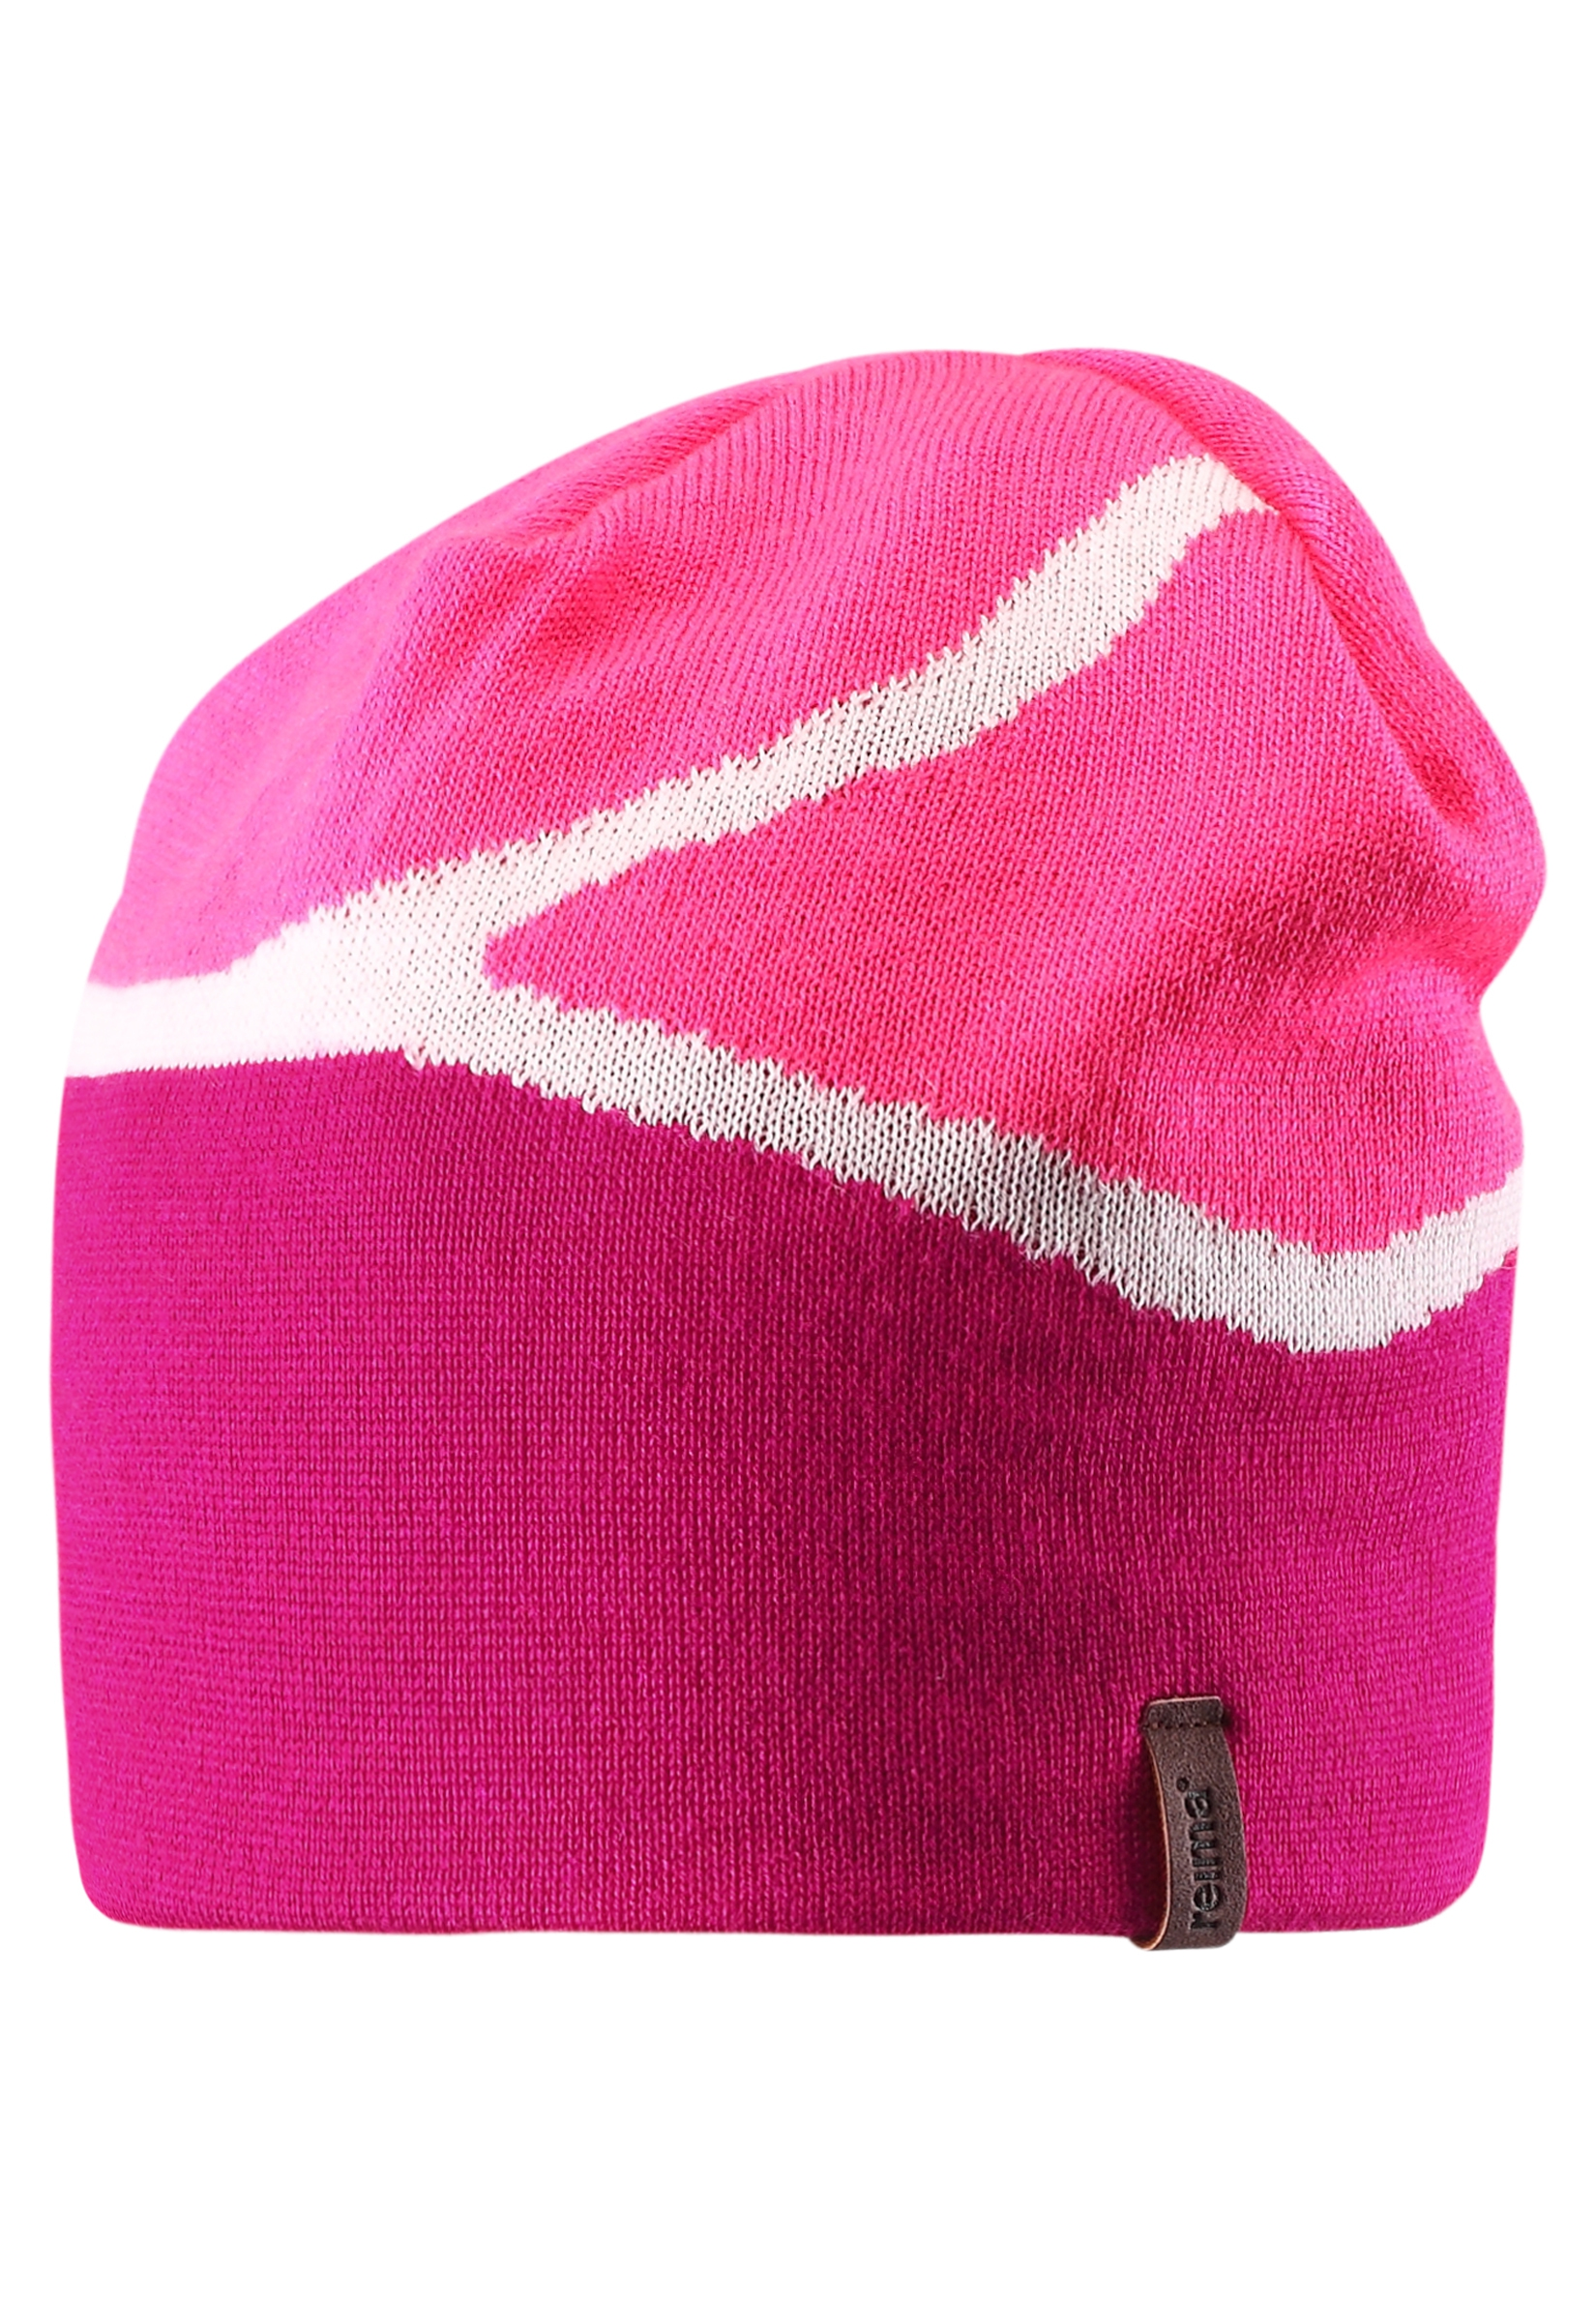 Головные уборы Reima Шапка для девочки Slalom Reima reima шапка lilja reima для девочки